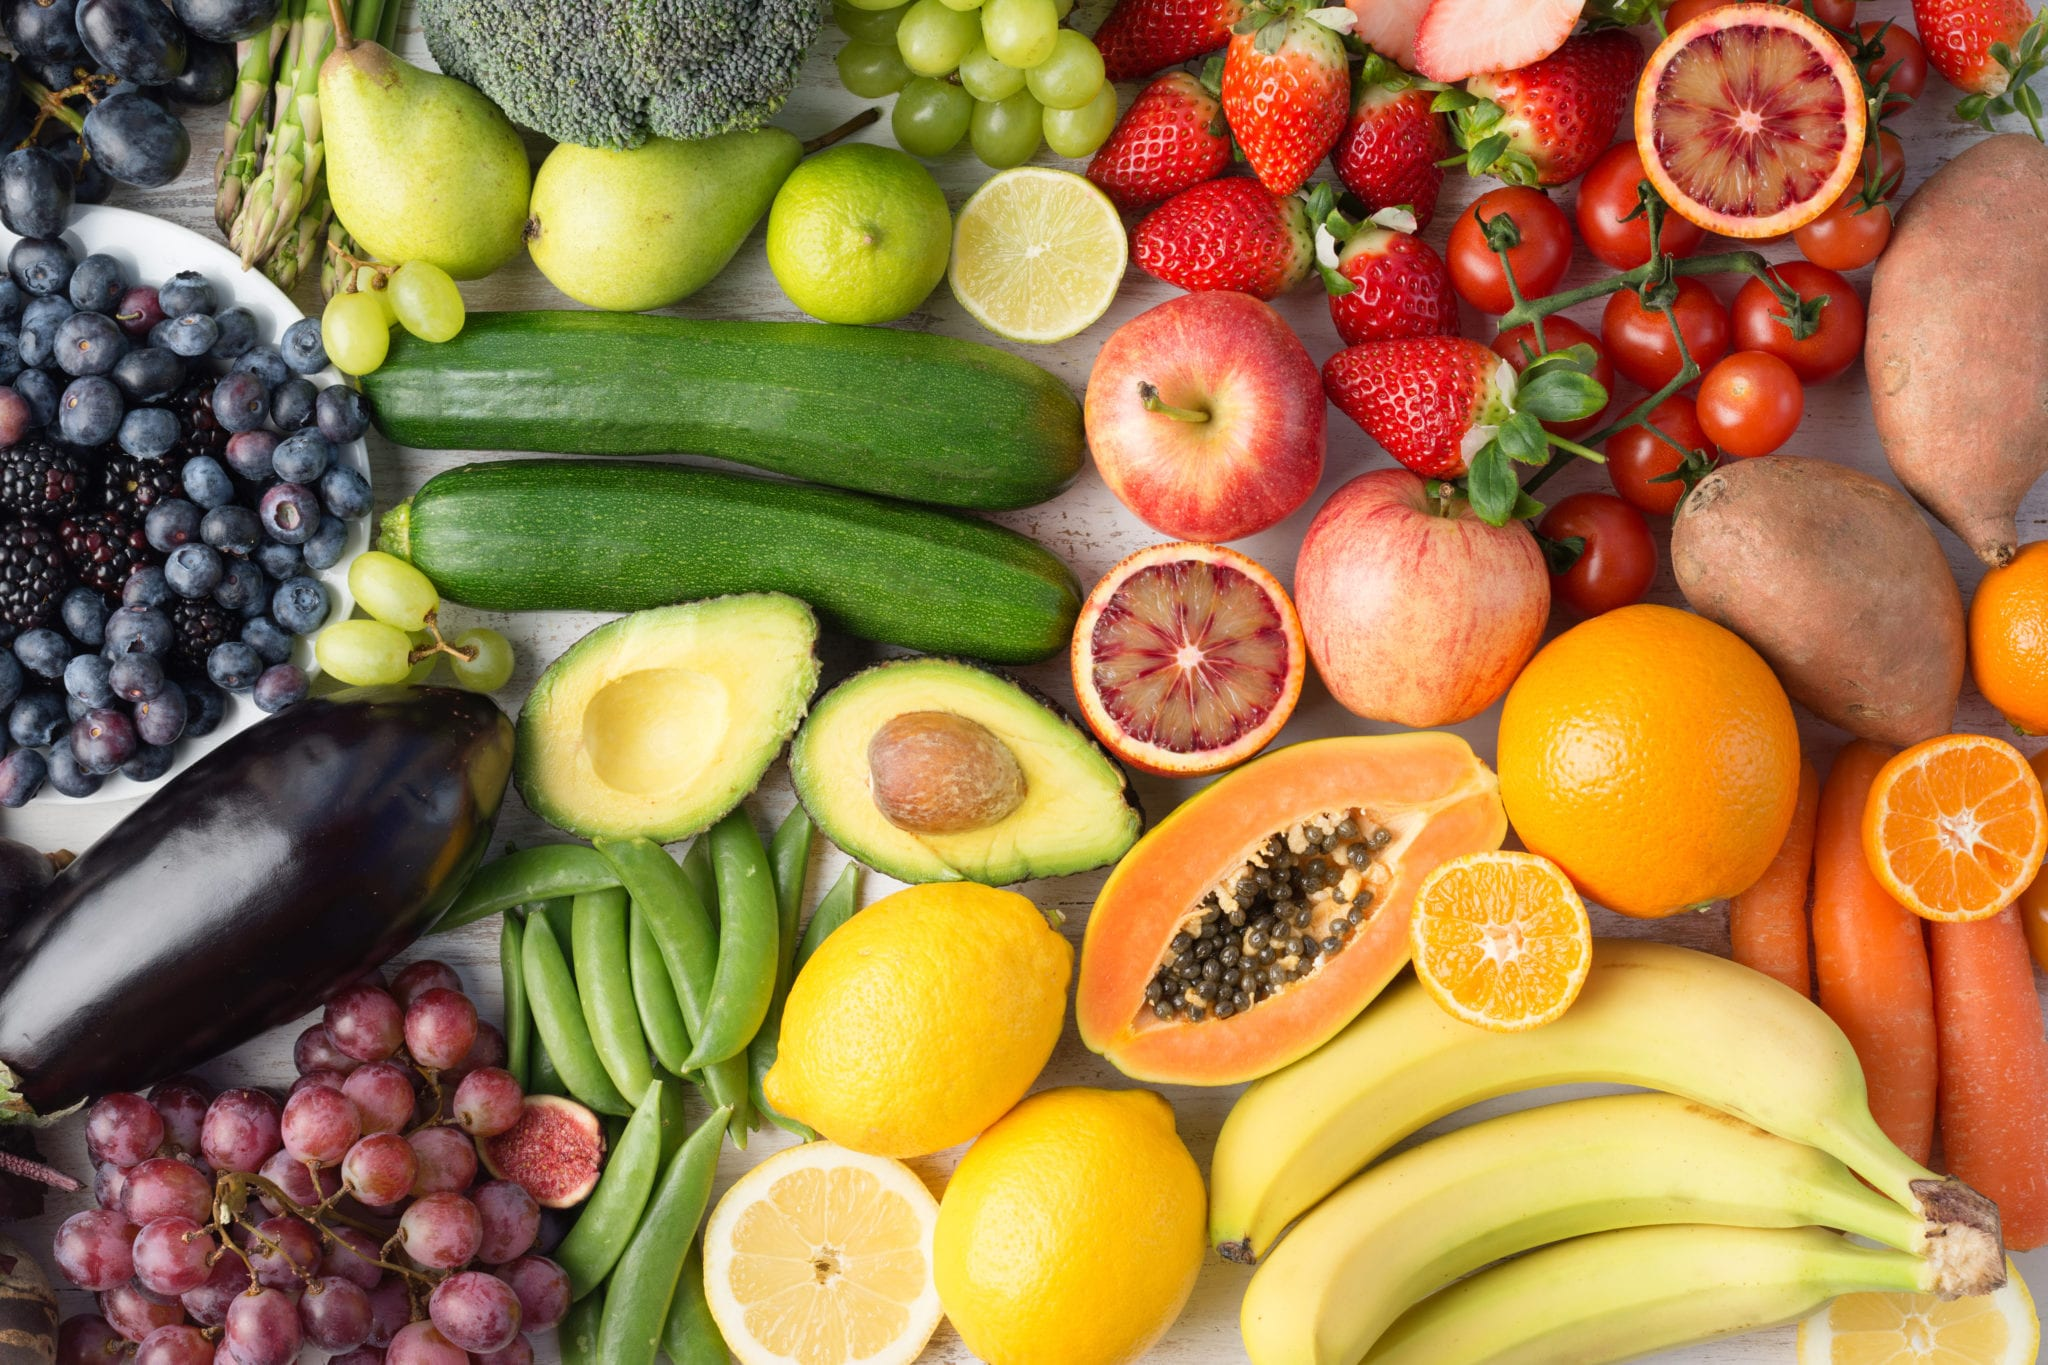 Τροφές για την ενίσχυση του ανοσοποιητικού: Πως να εμπλουτίσουμε την διατροφή μας